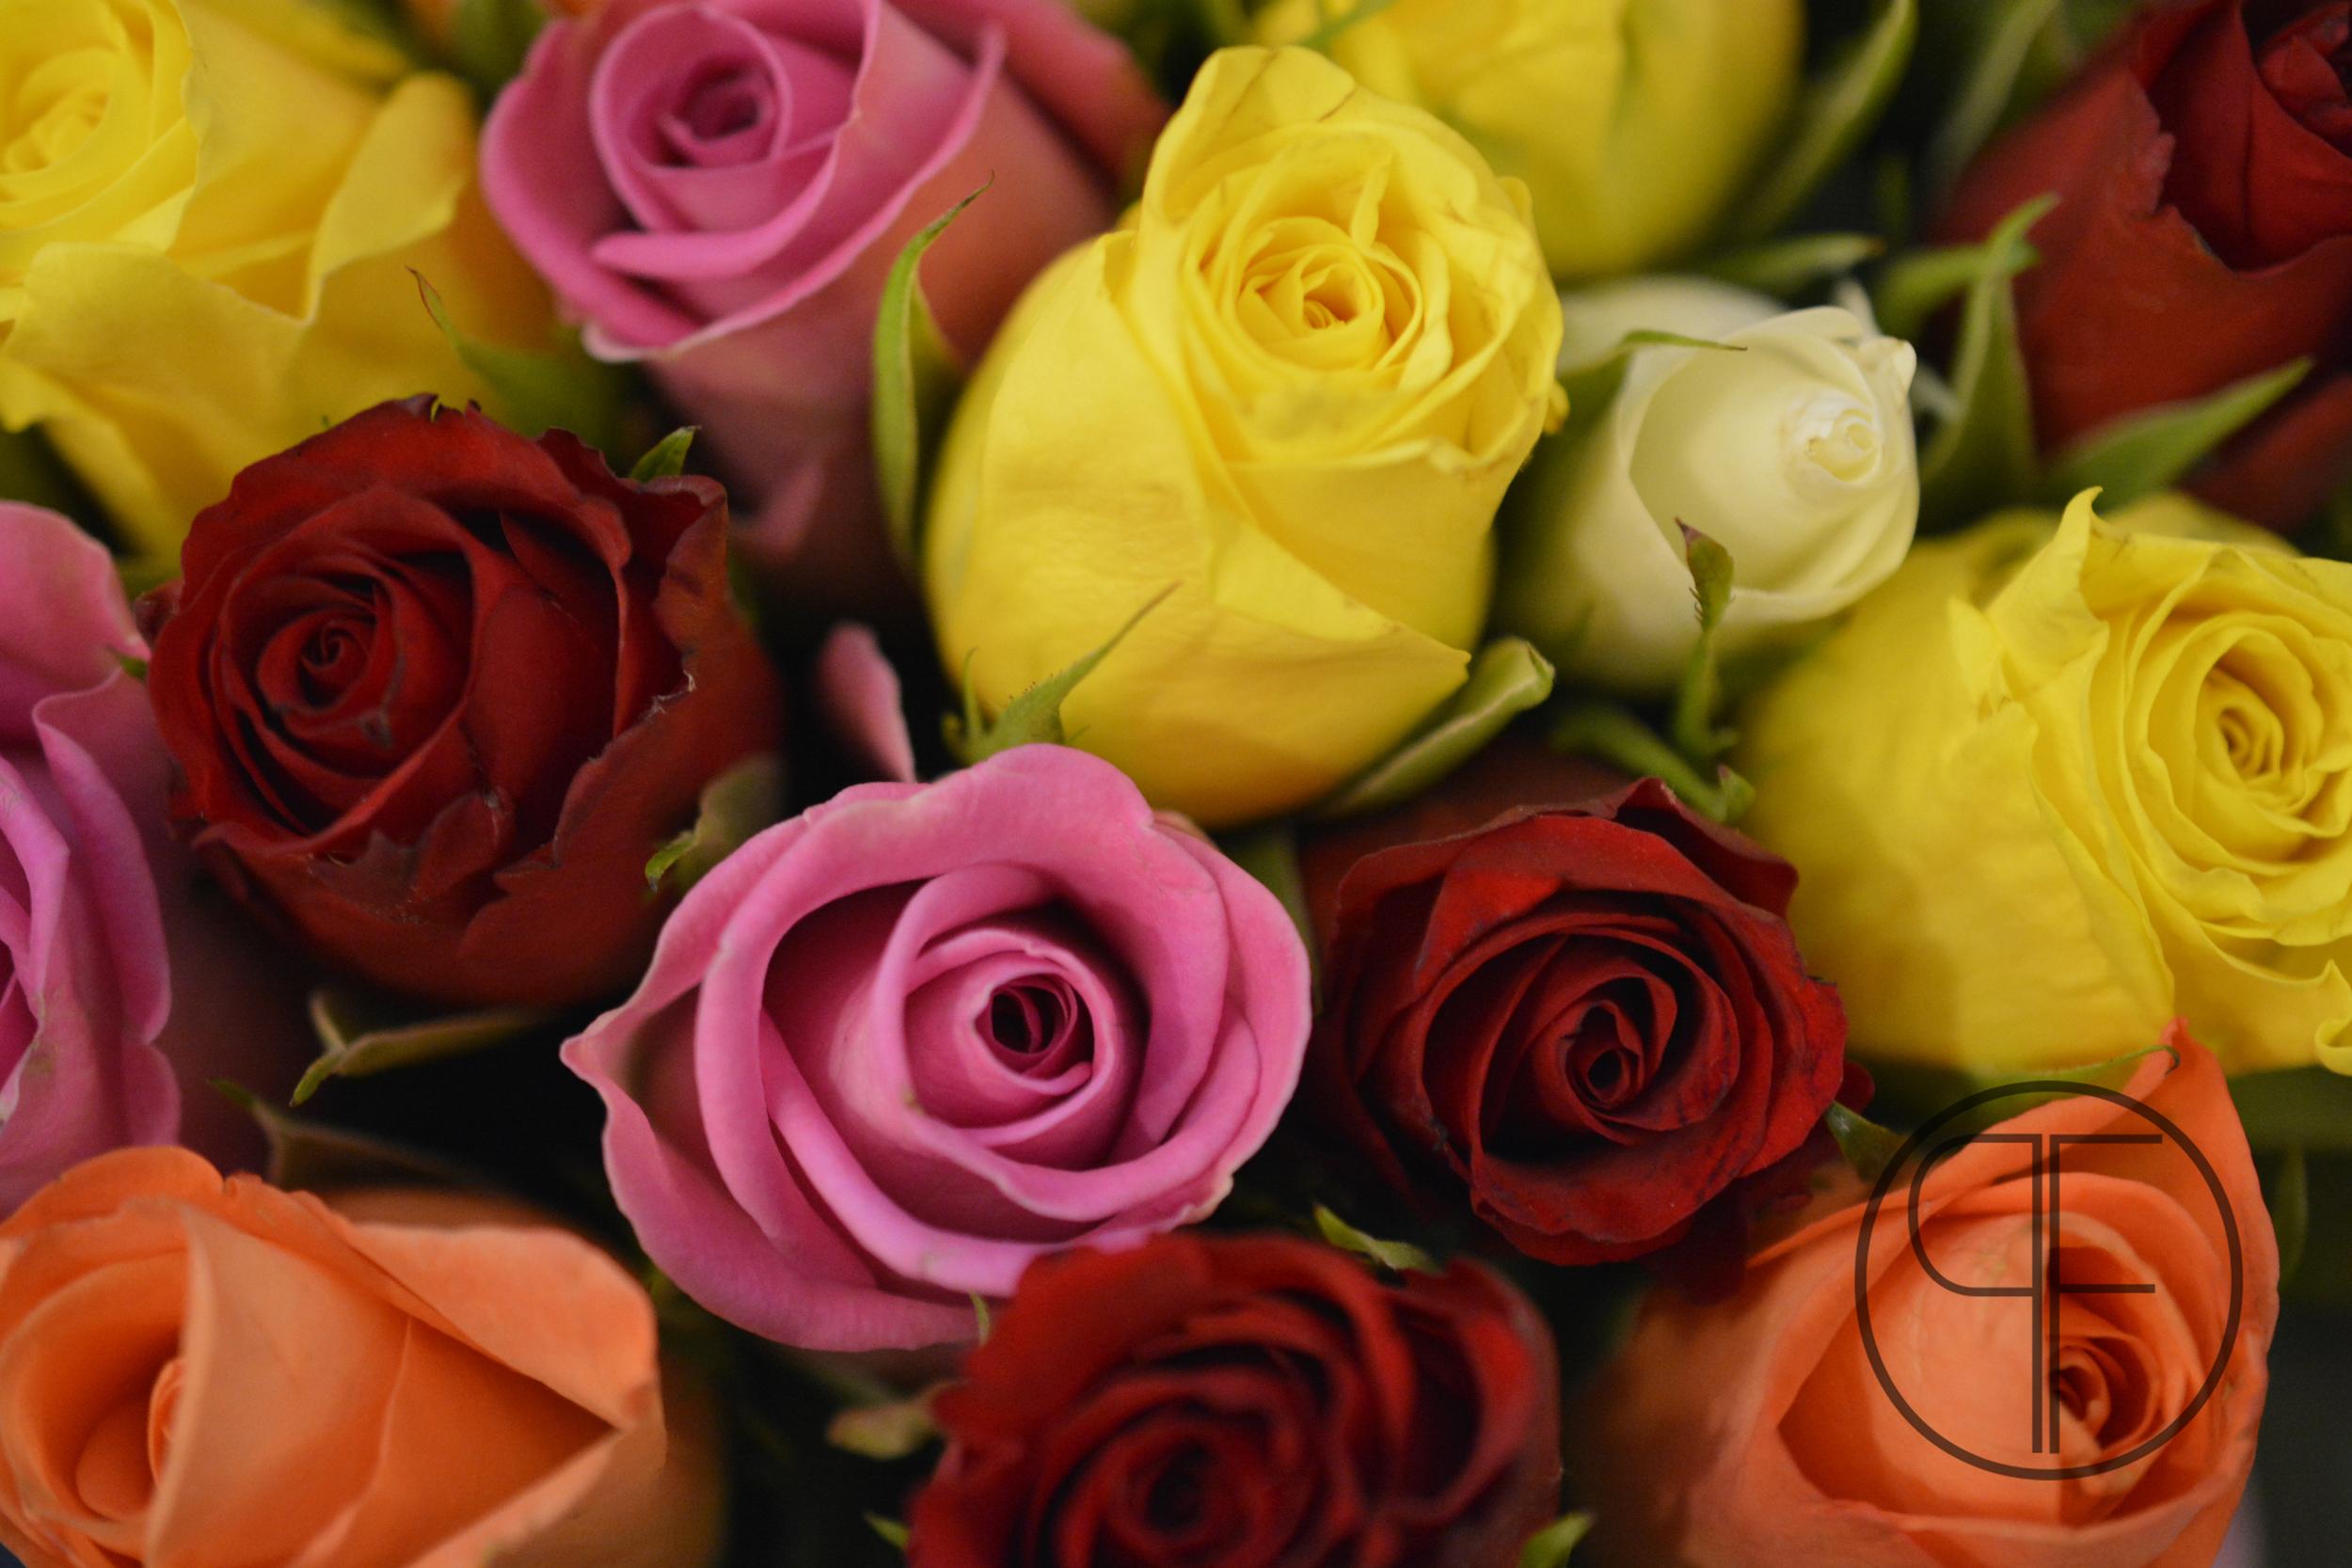 coloured roses.jpg